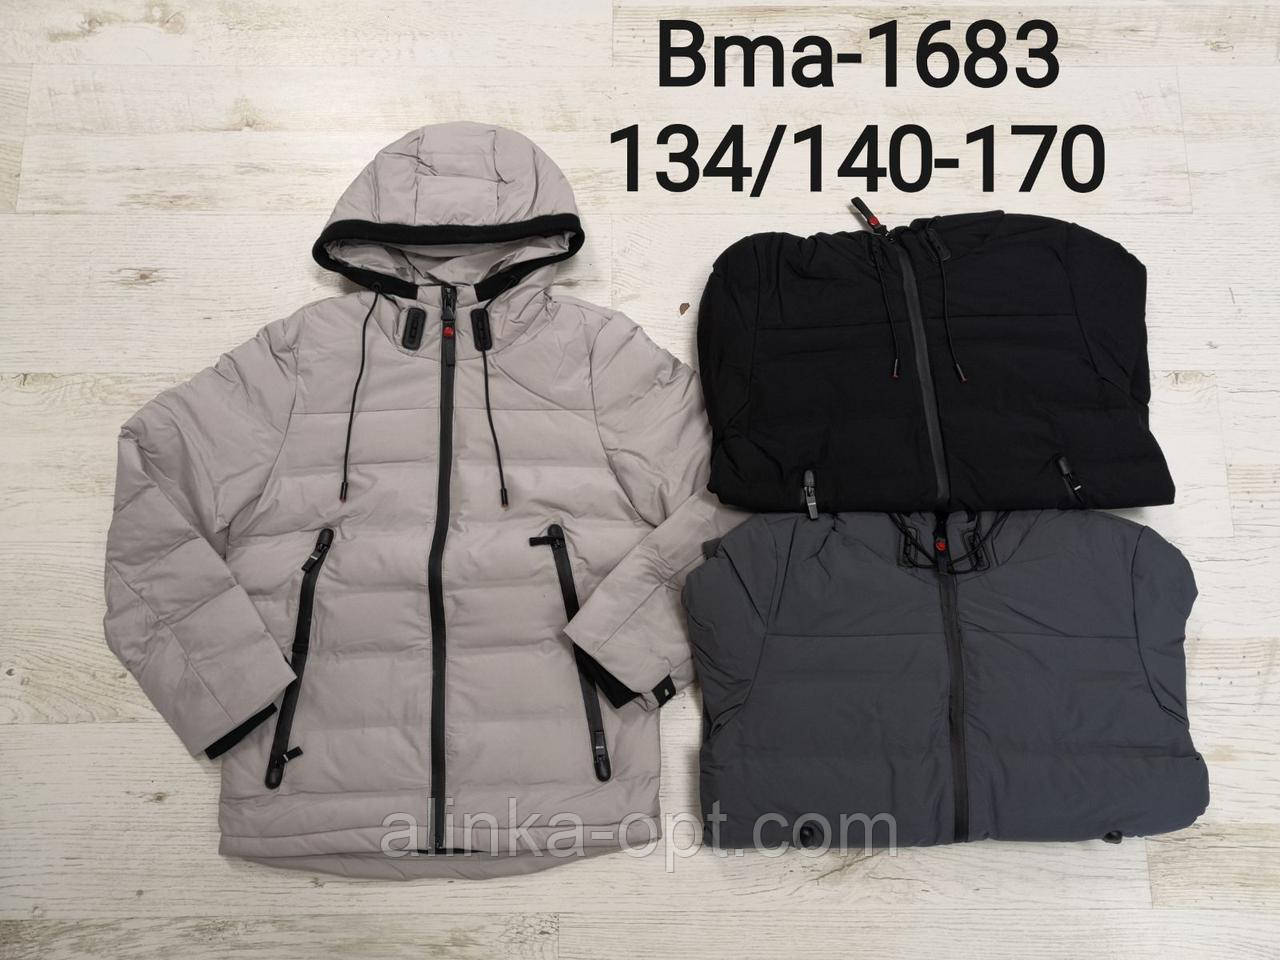 Куртка для хлопчиків Glo-Story, . Артикул: BMA1683 , 134/140-170 рр.